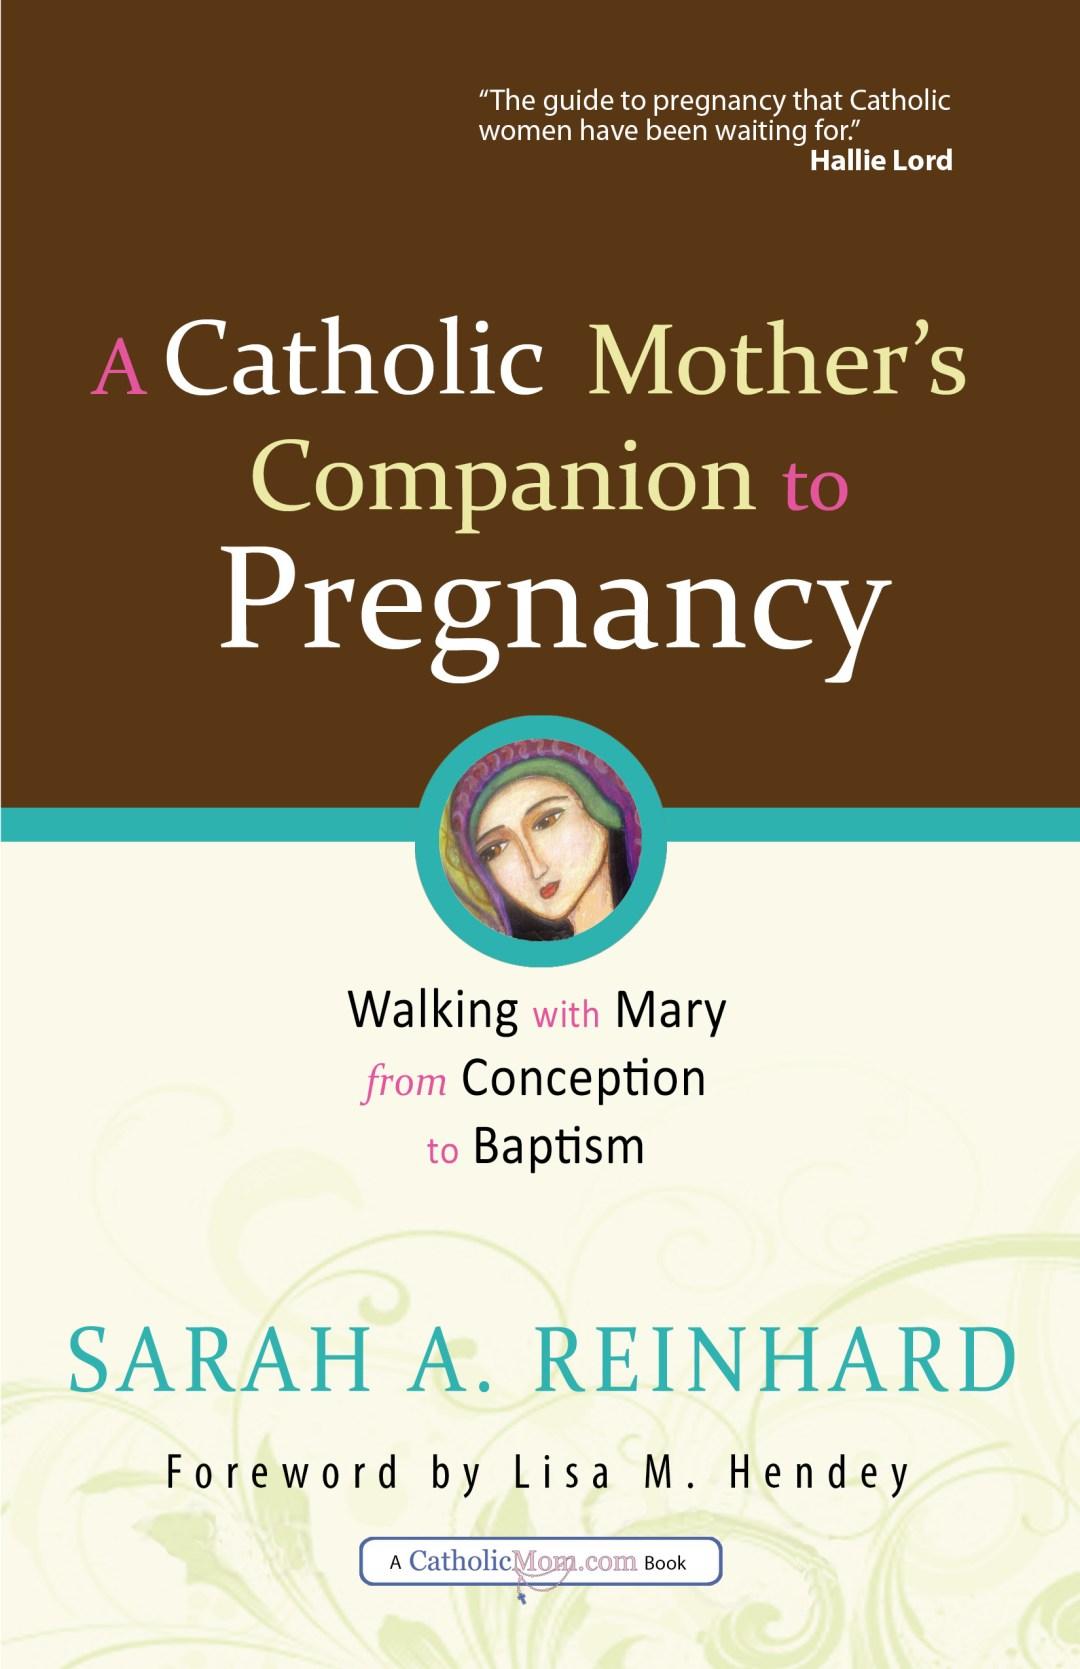 A Catholic Mom's Companion to Pregnancy by Sarah A. Reinhard